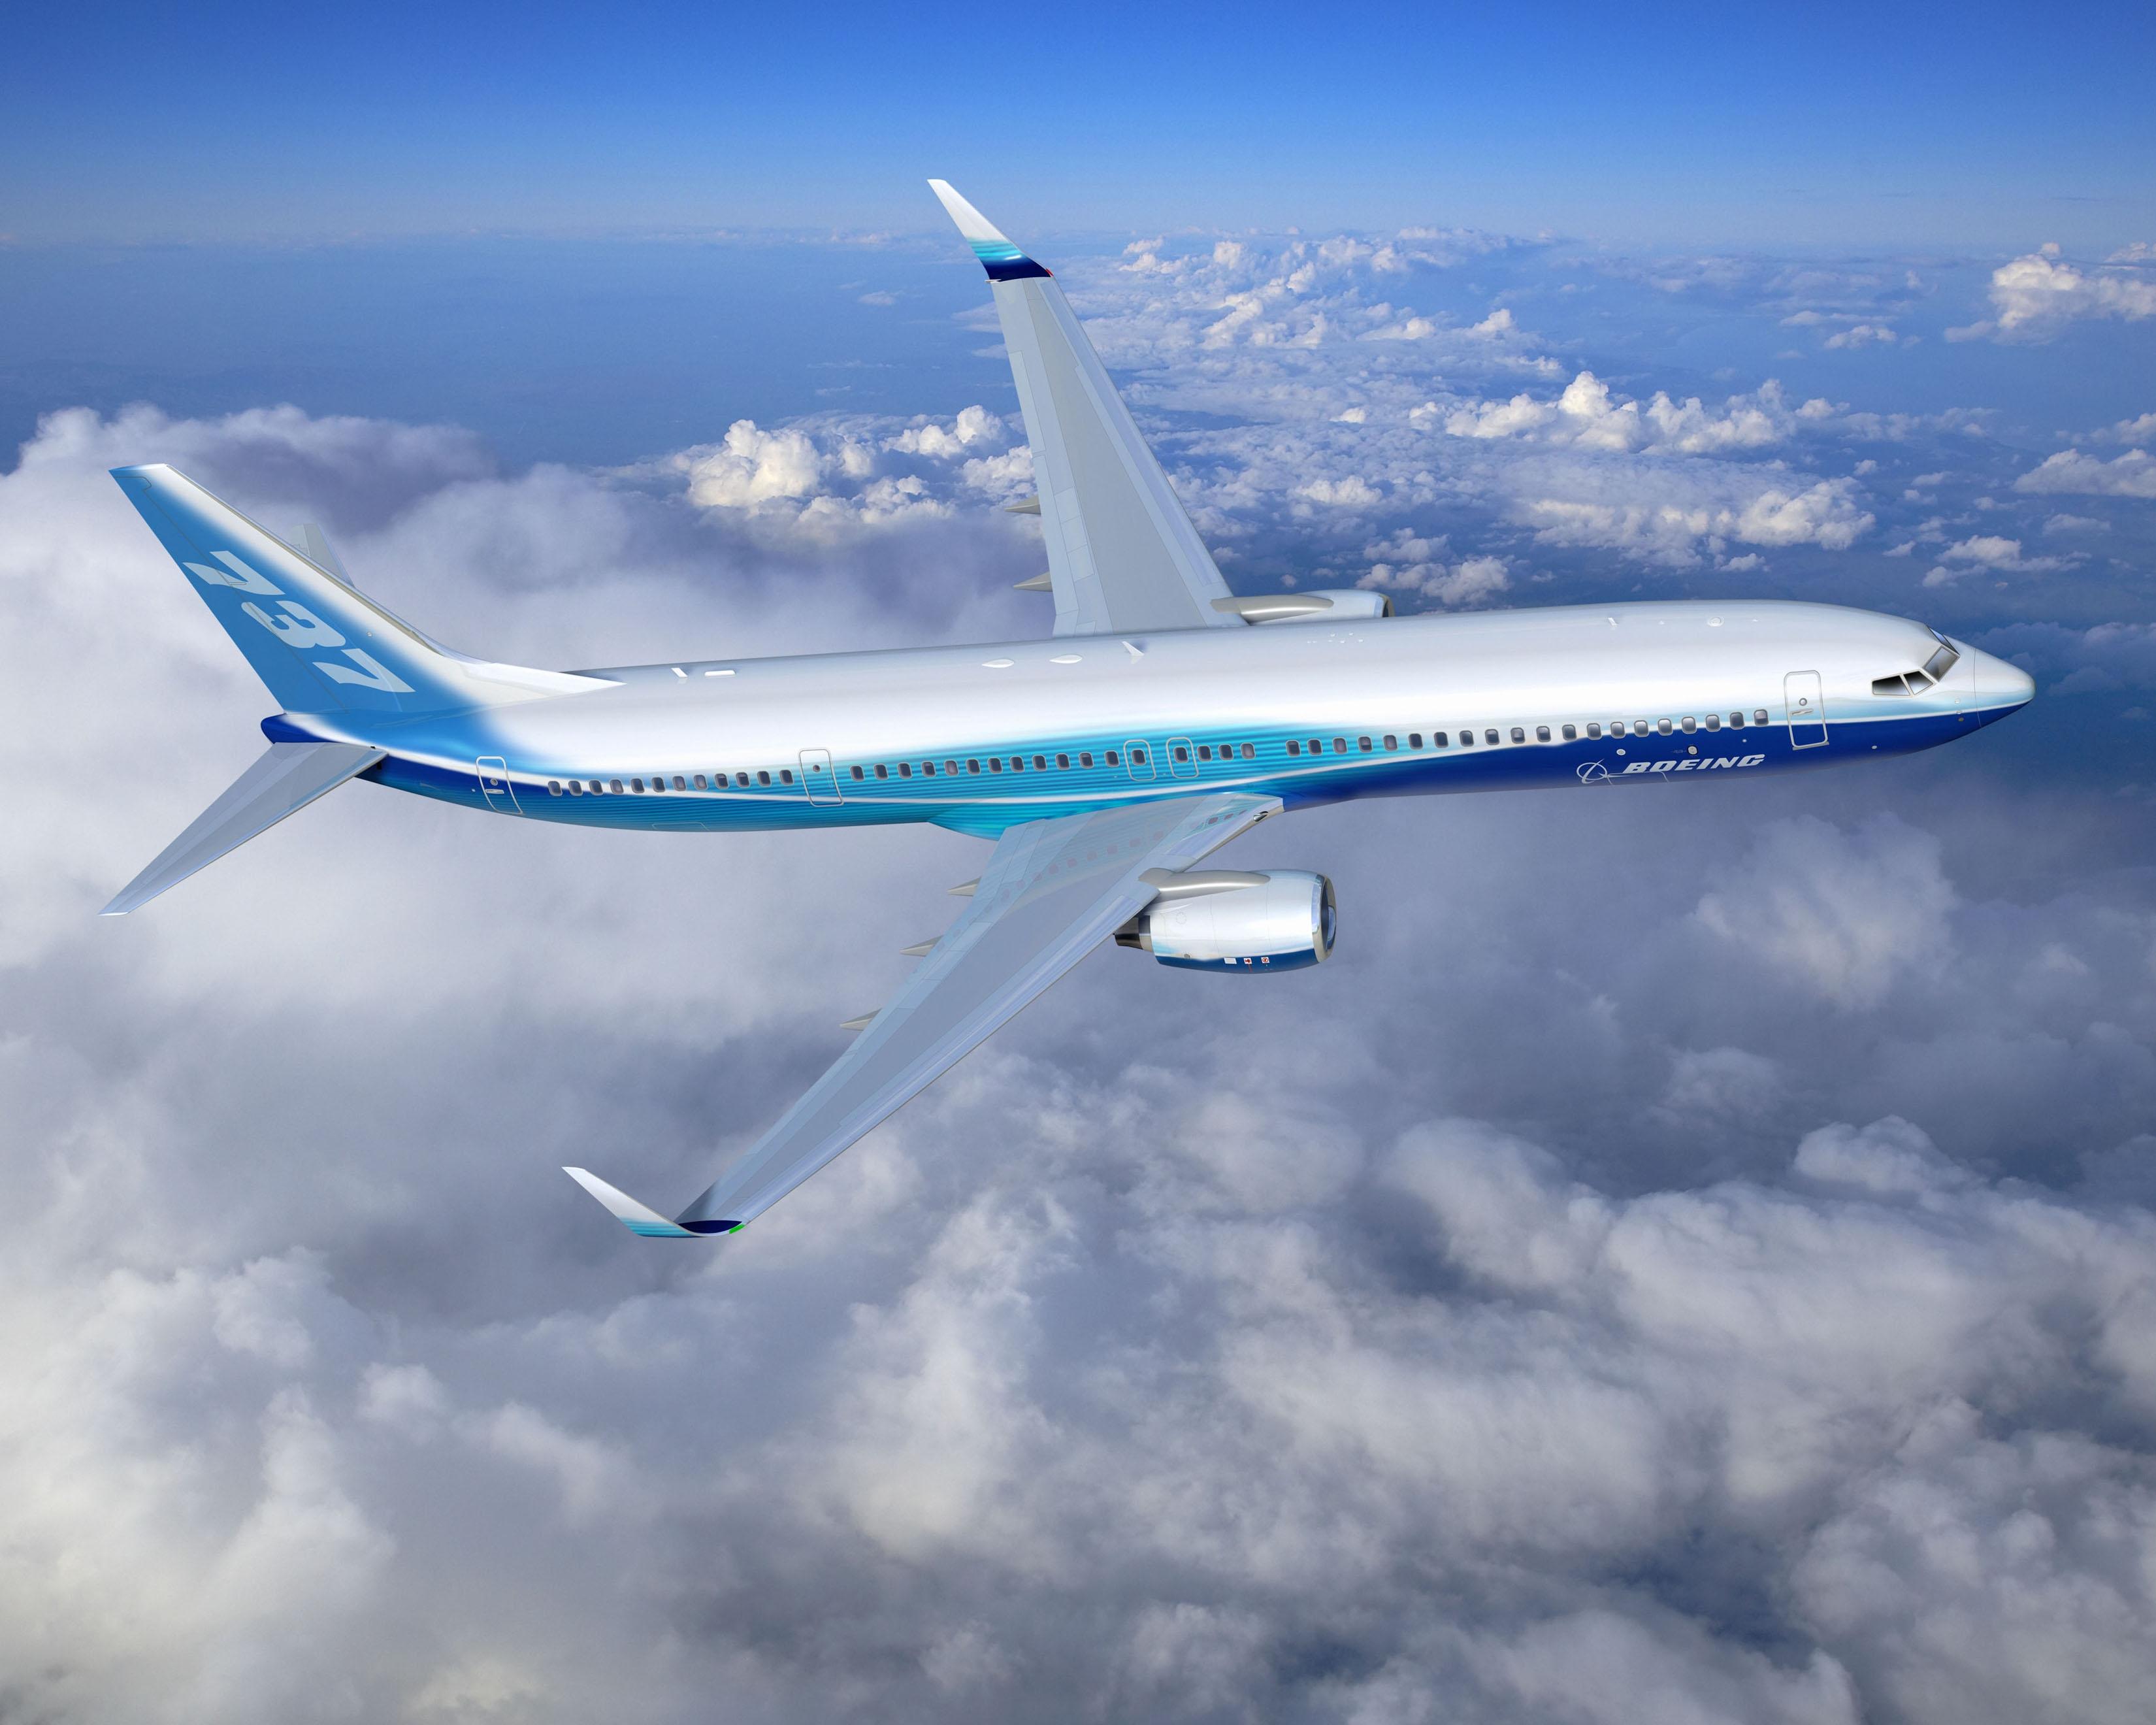 Aerolínea boliviana renovará su flota con modernos aviones